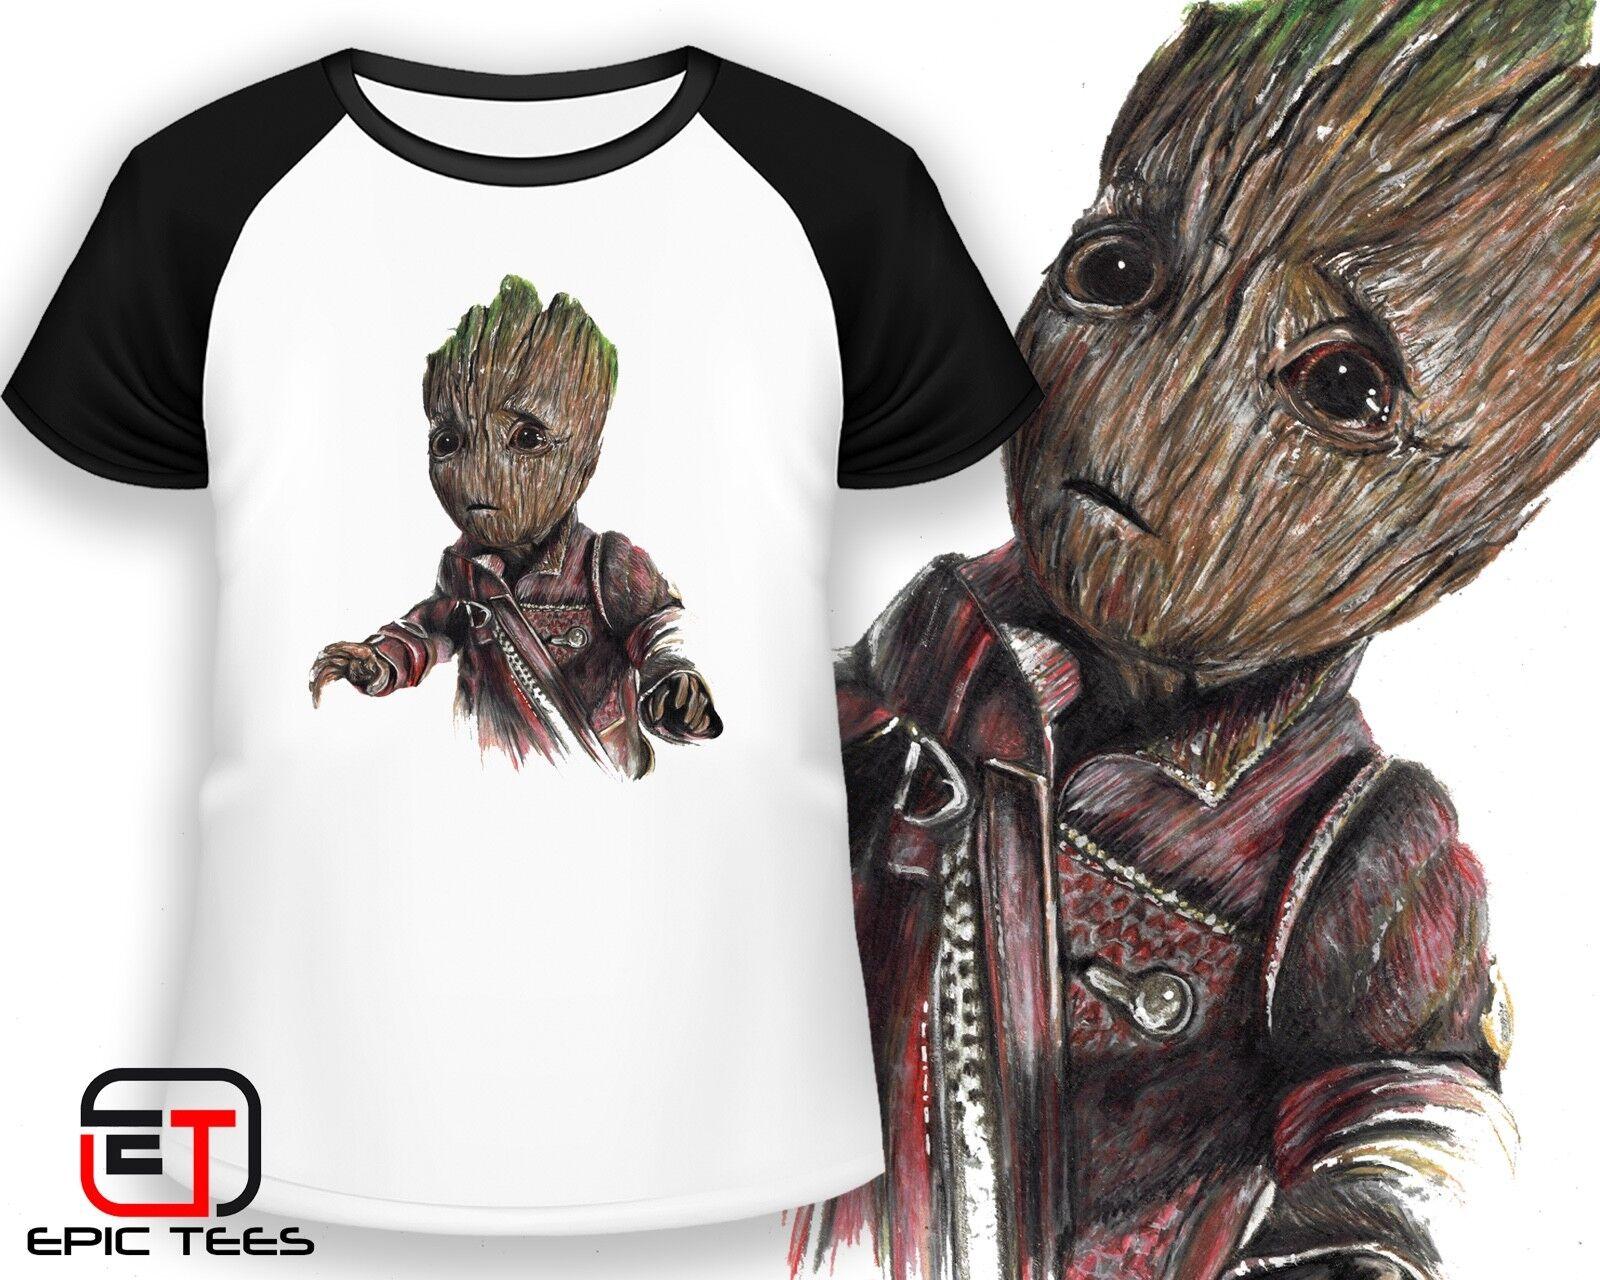 Baby Groot Avengers Hand Drawn Image T-Shirt / Mens / Women'